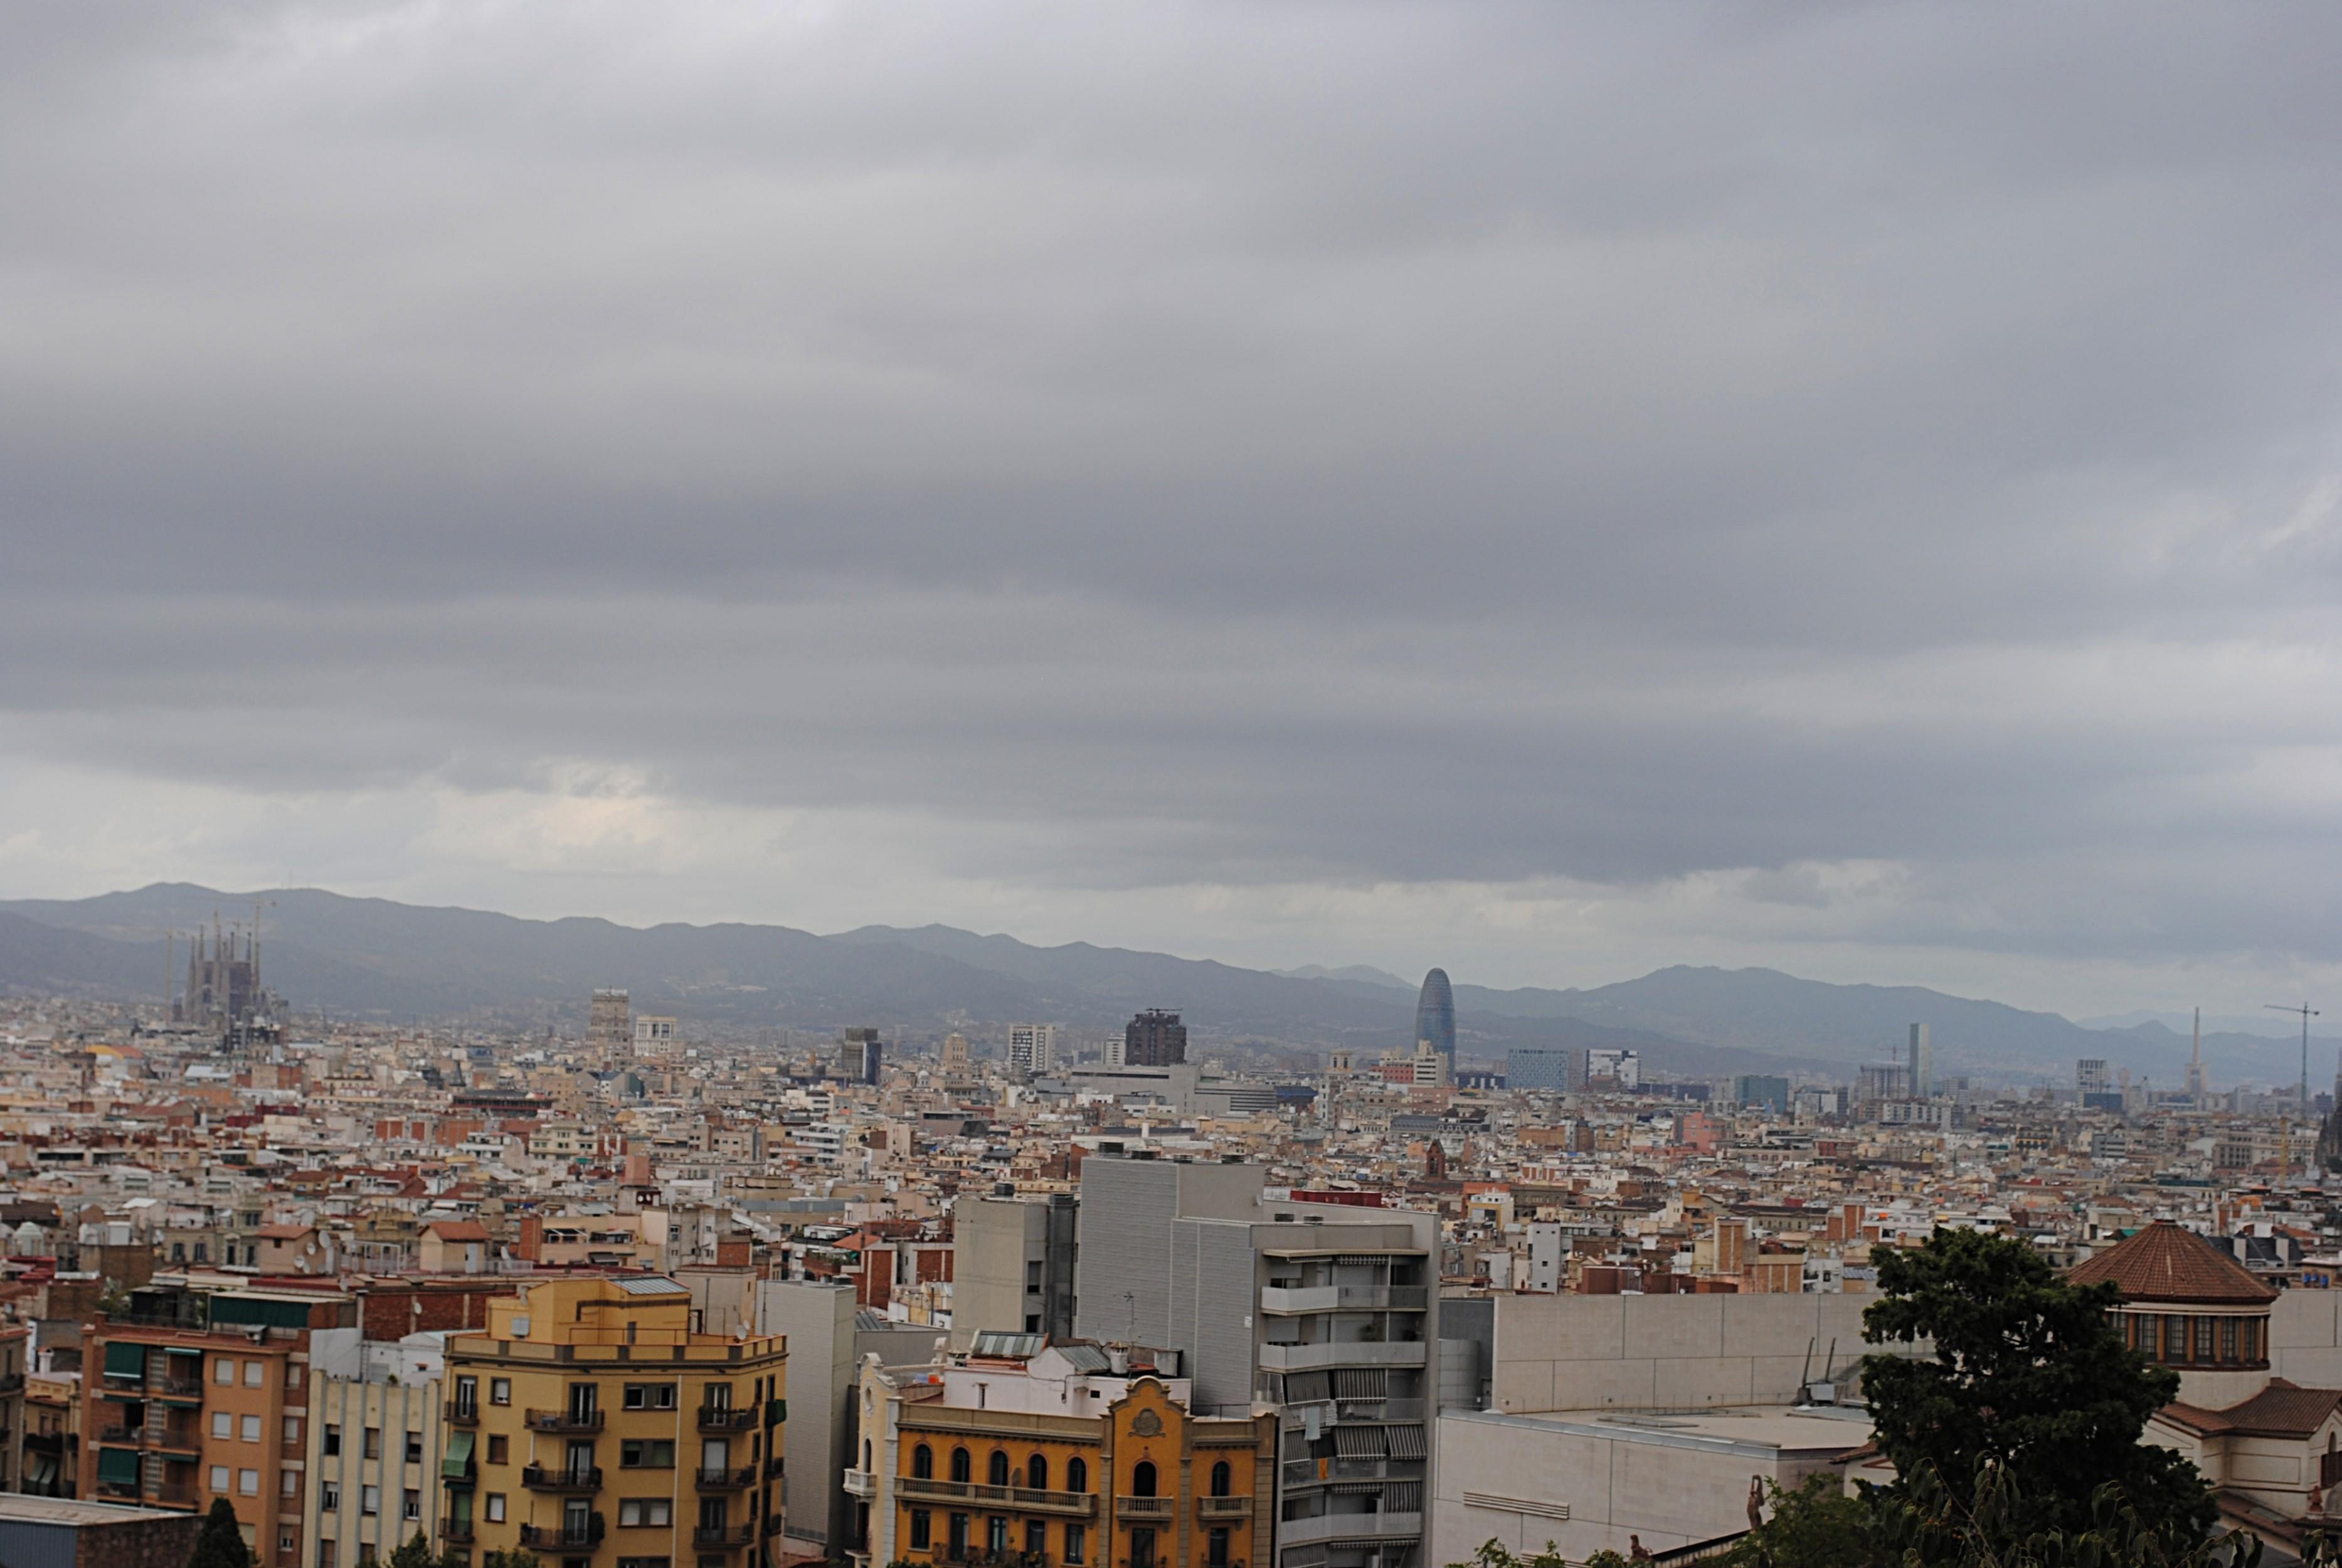 """Так получилось, что в самый центр этой фотографии с фоном из роскошного вида Барселоны влезла не самая плохая, но довольно типичная испанская """"хрущоба""""..."""